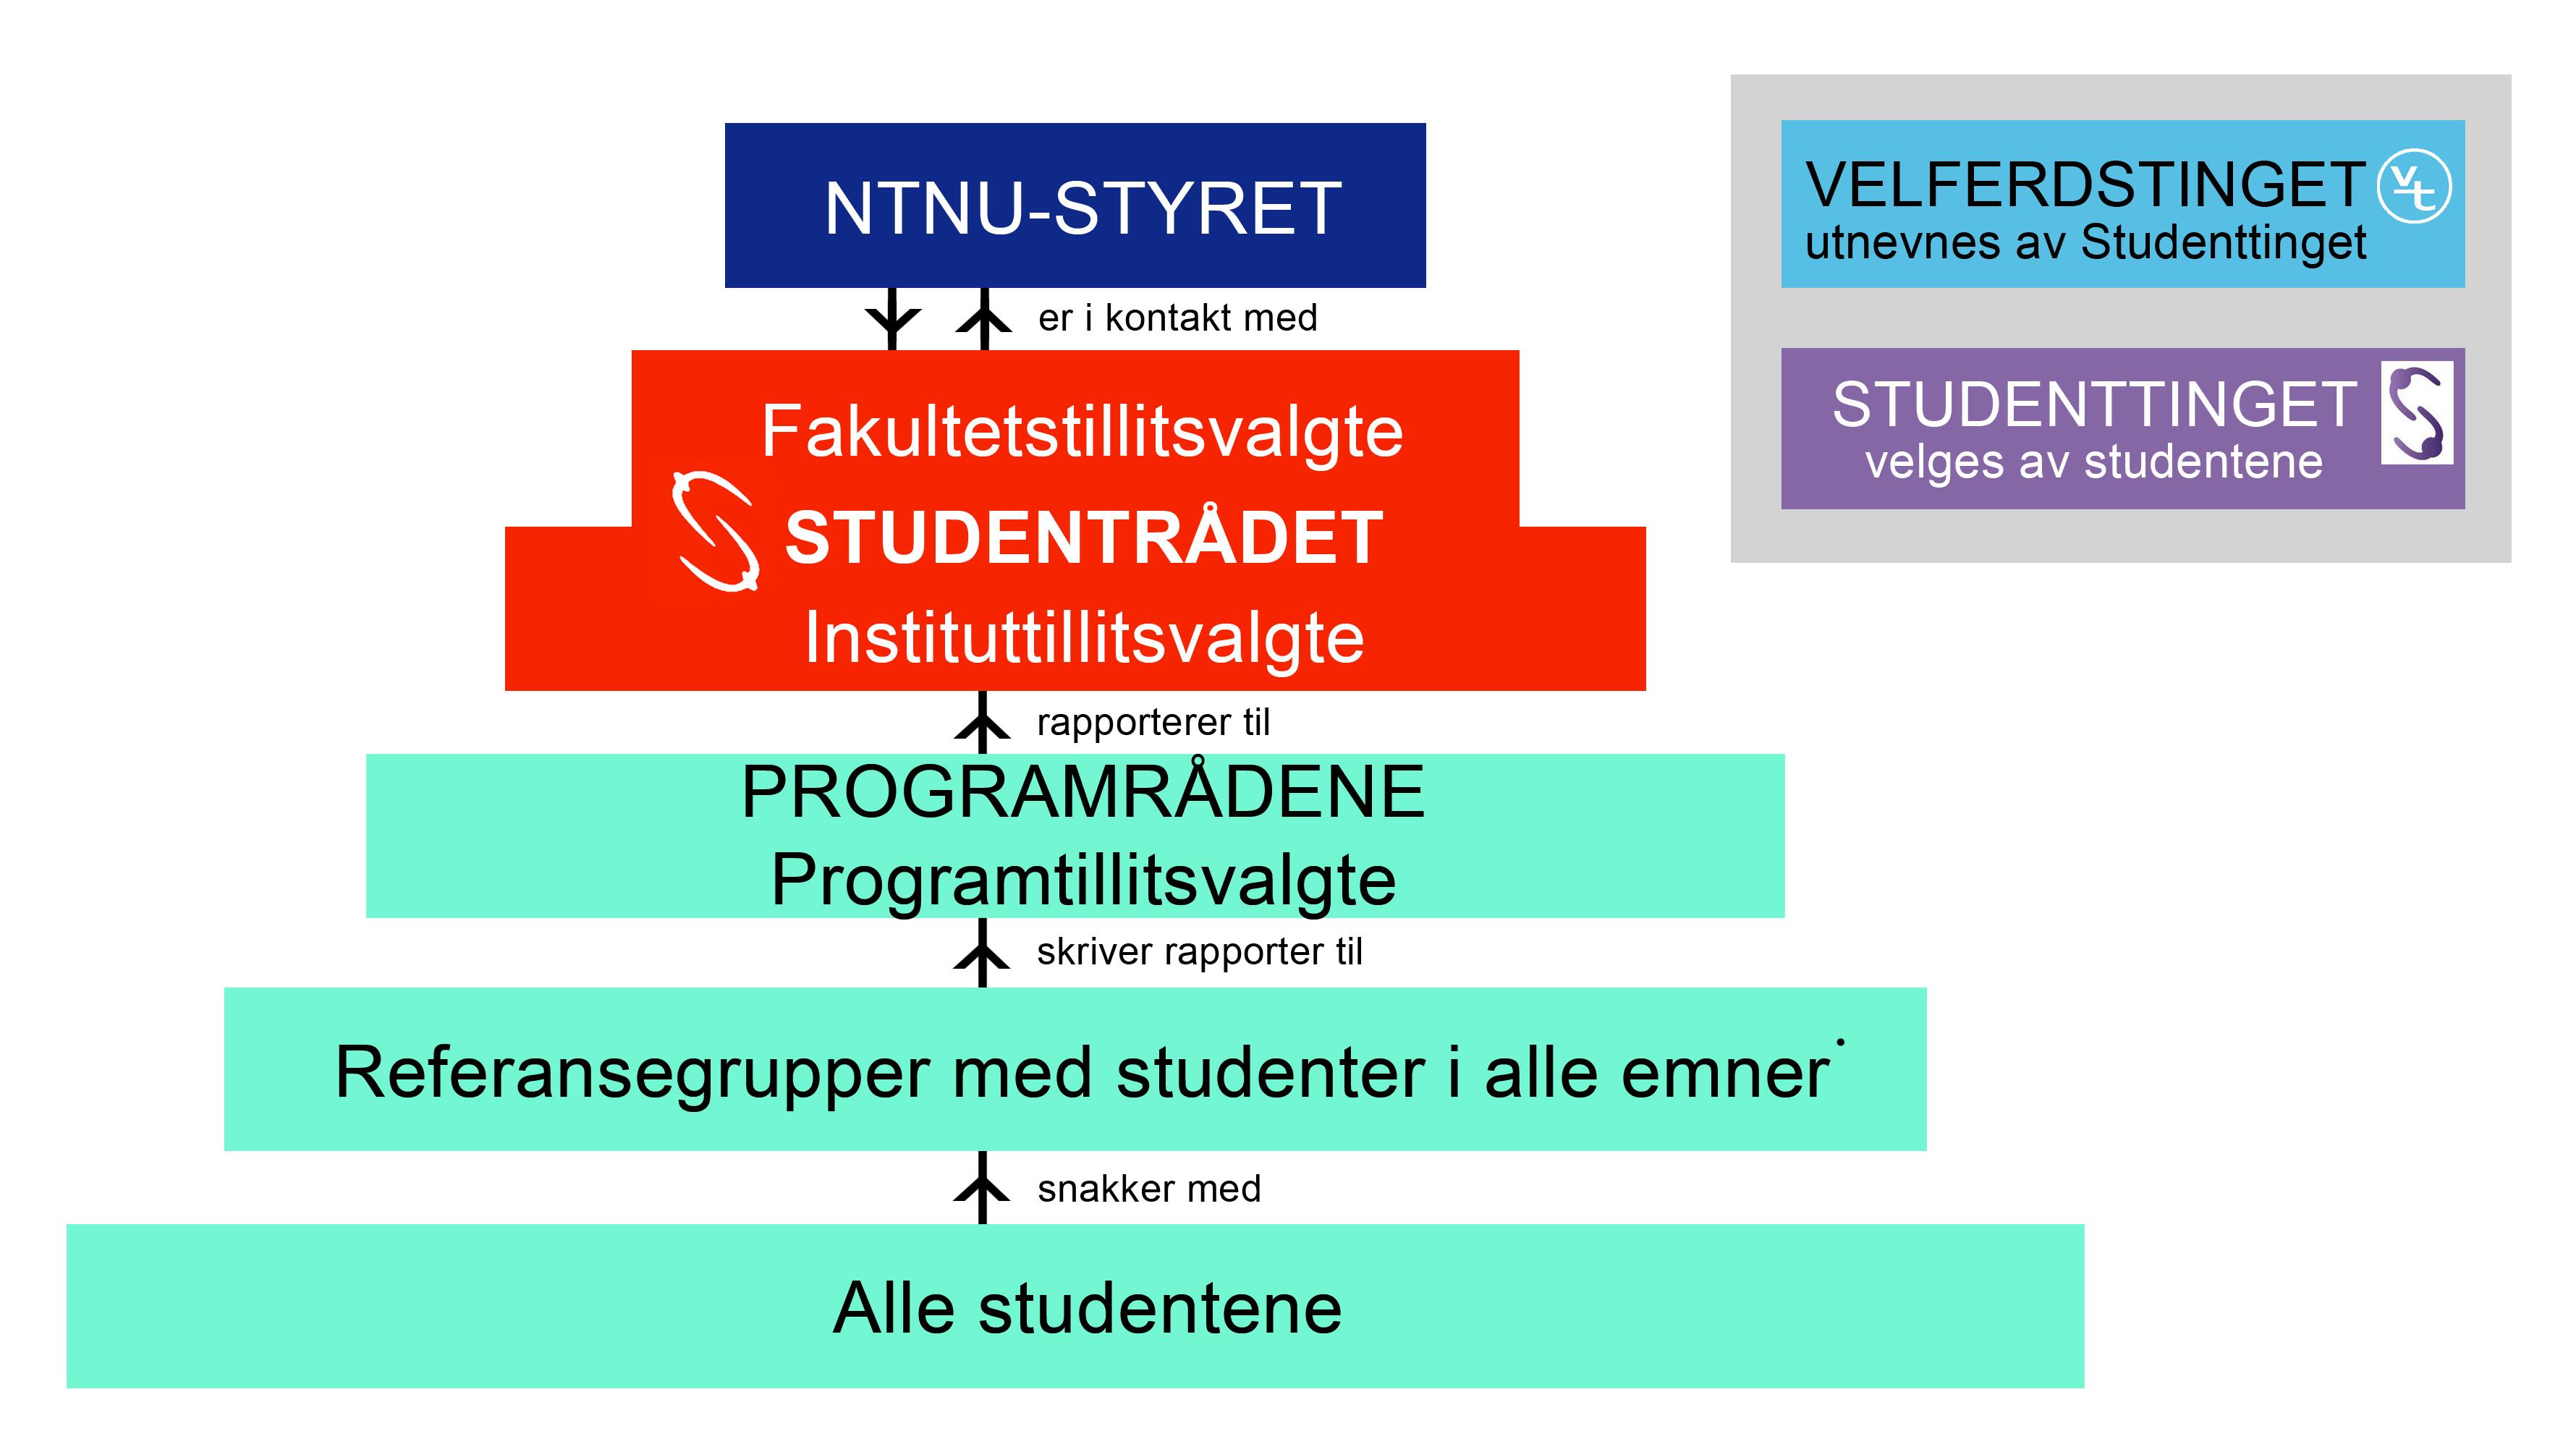 Organisasjonskart, Studentdemokratiet. Grafikk.